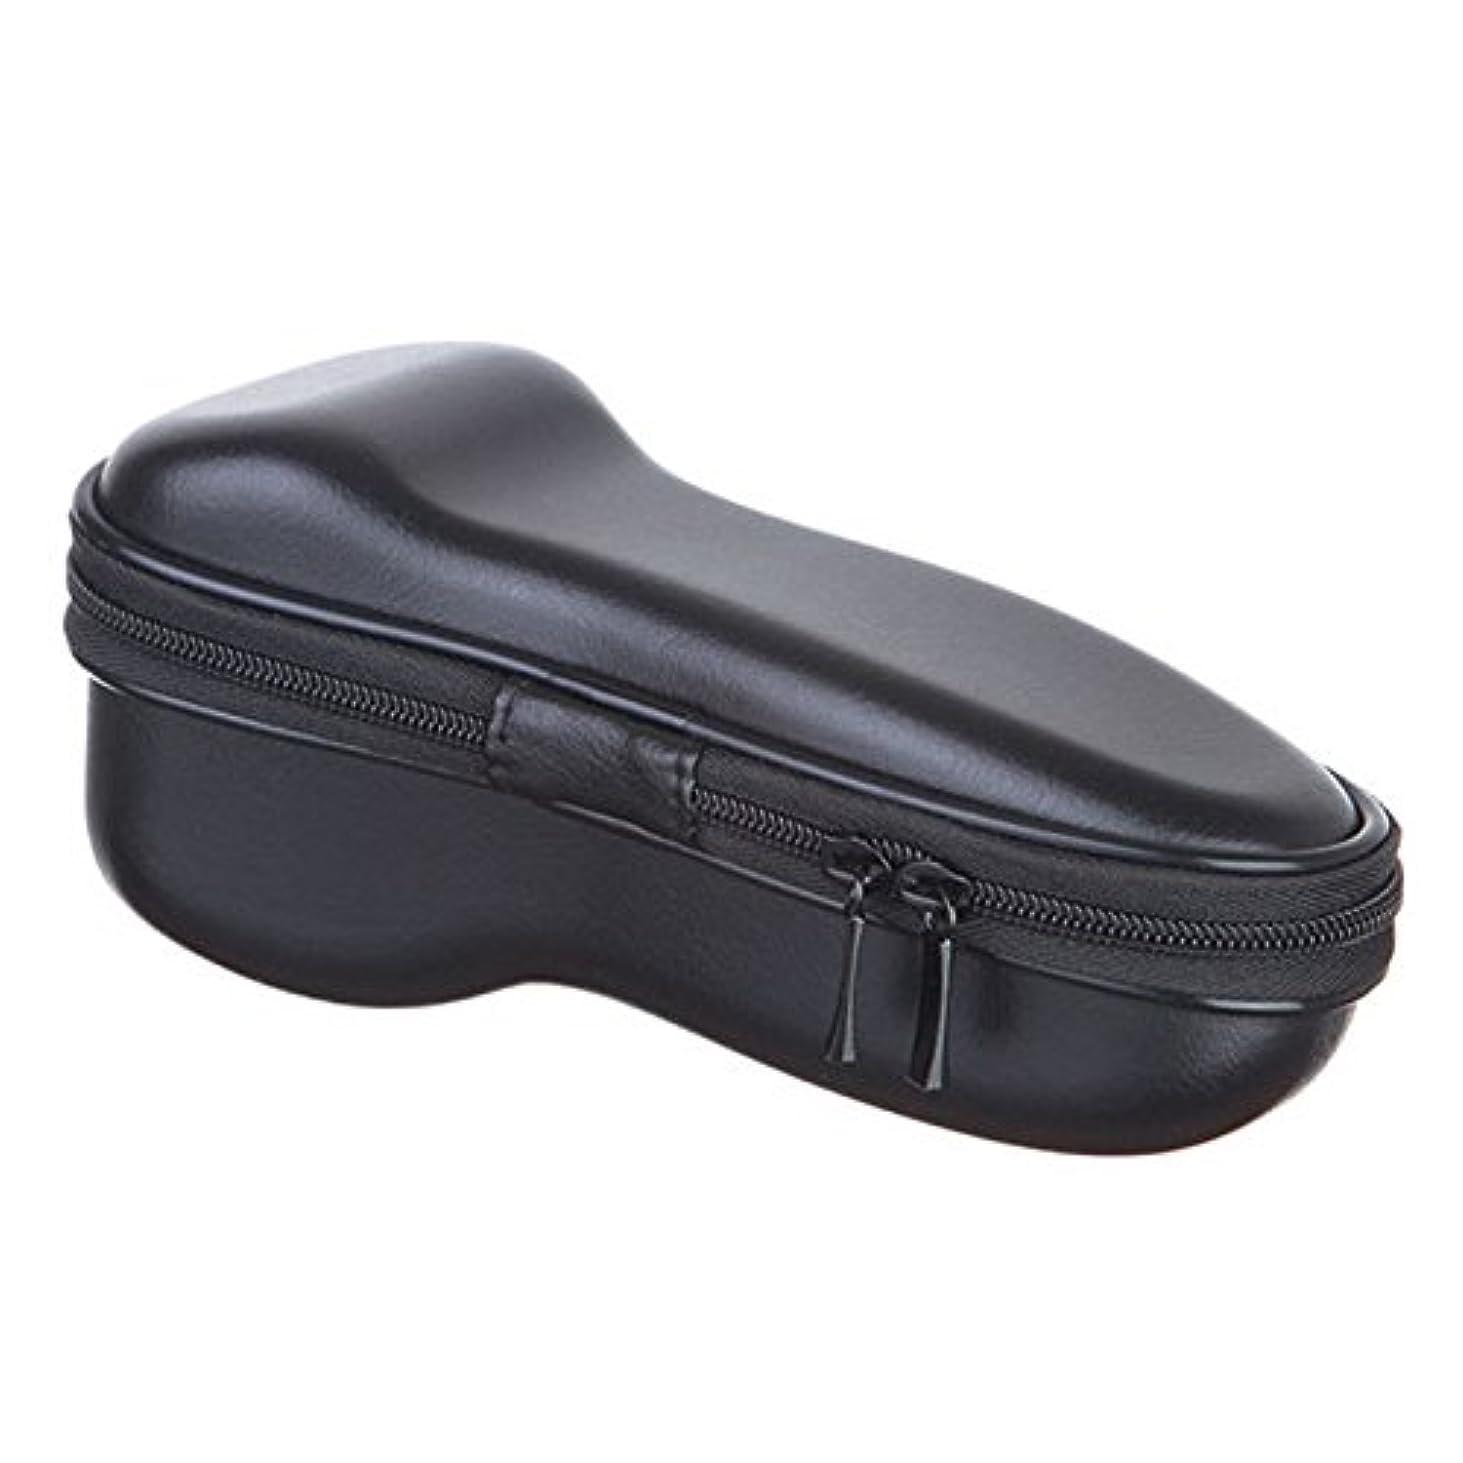 びっくりと遊ぶ完璧なVaorwne ユニバーサル 電気 シェーバー ジッパー付き 収納バッグ 旅行EVA ショックプルーフ ケース ボックス ポーチ カバー カミソリ/シェーバーのバッグ